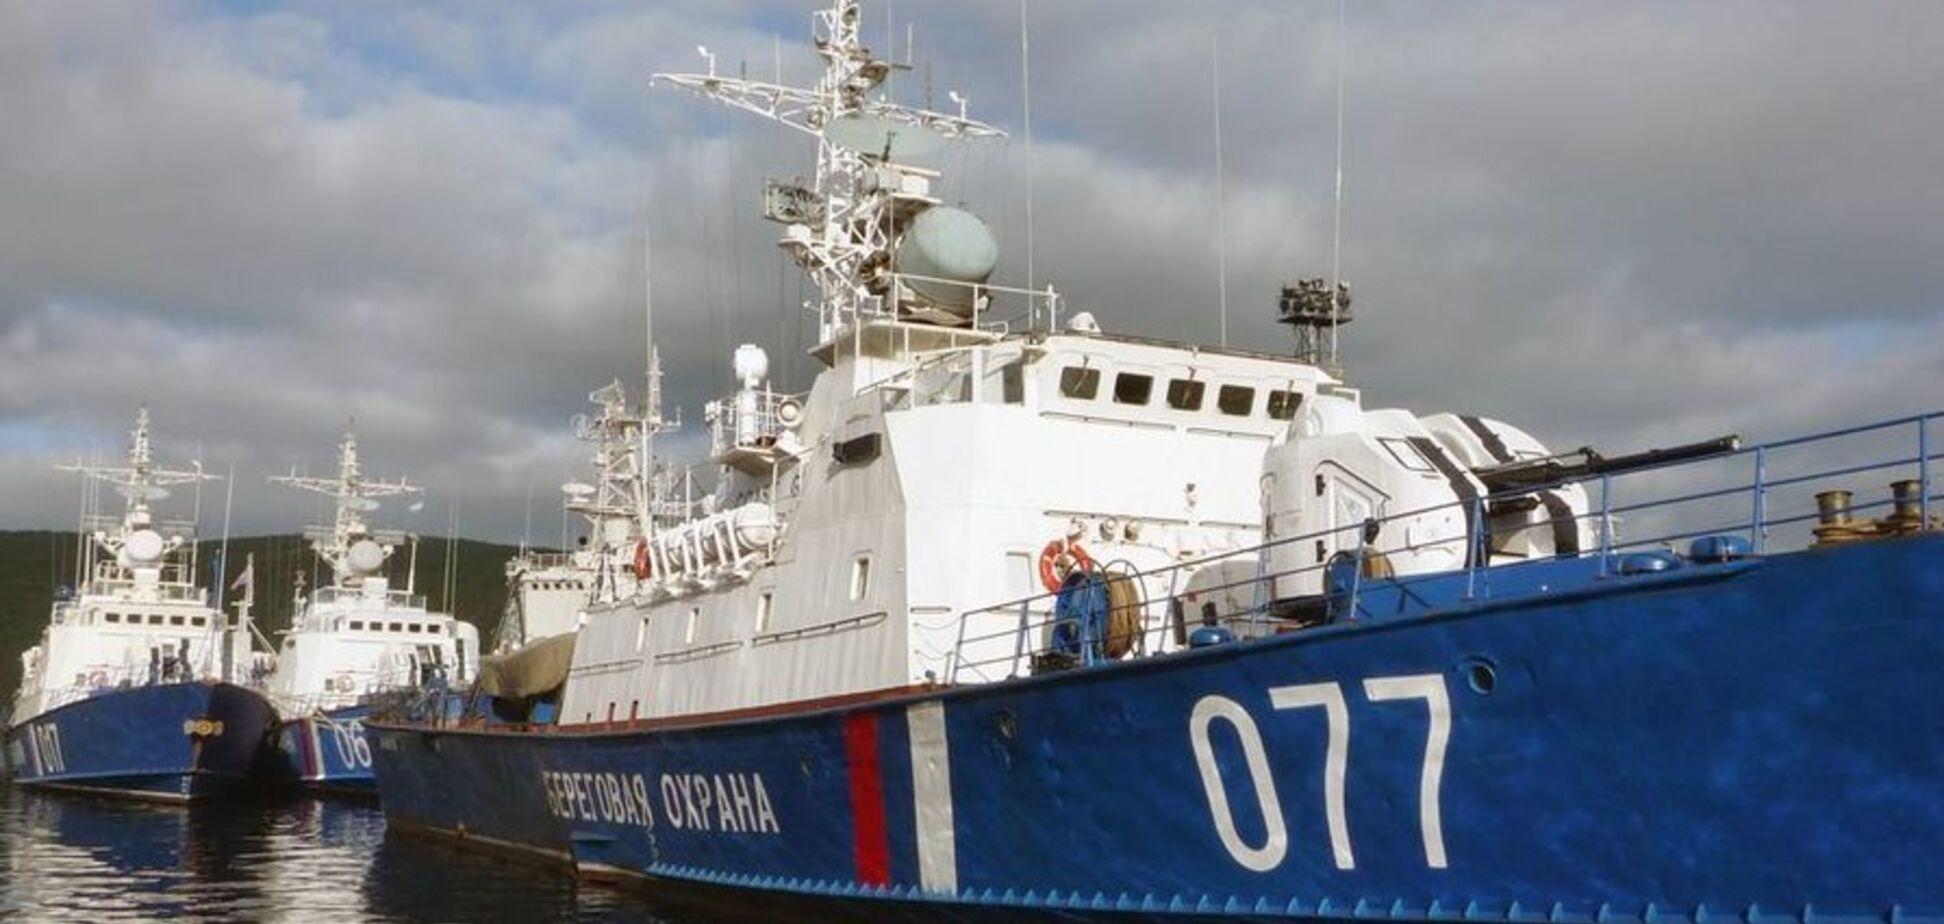 ''Никаких иллюзий'': дан прогноз по атаке России в Азовском море